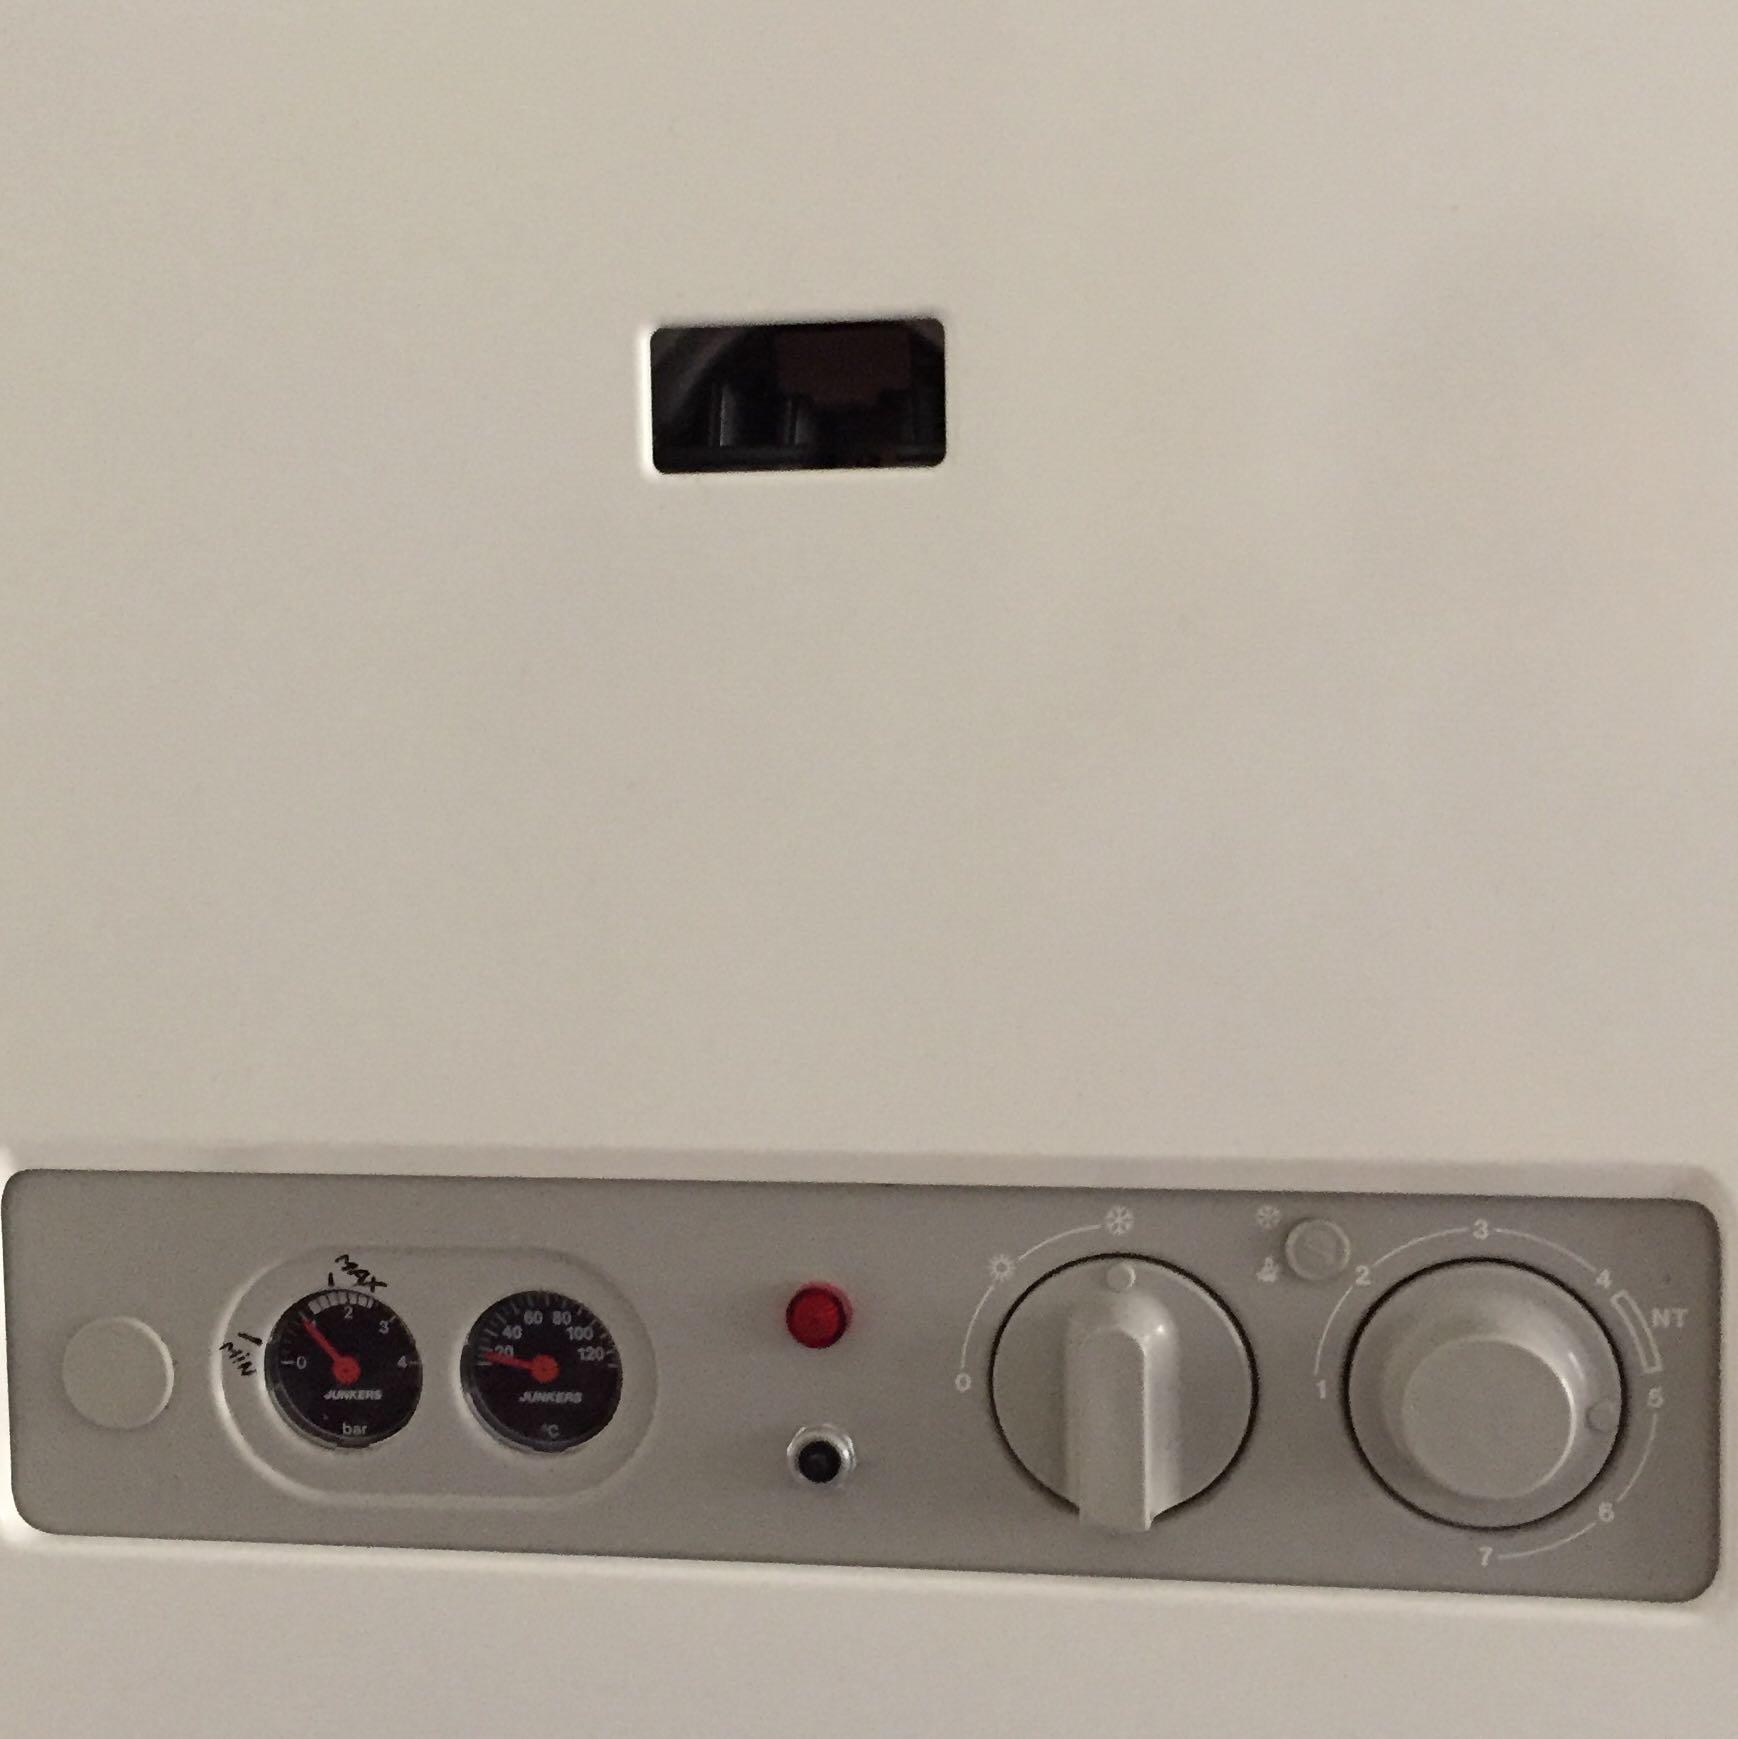 flamme brennt nicht bei gasger t im bad was tun wasser. Black Bedroom Furniture Sets. Home Design Ideas